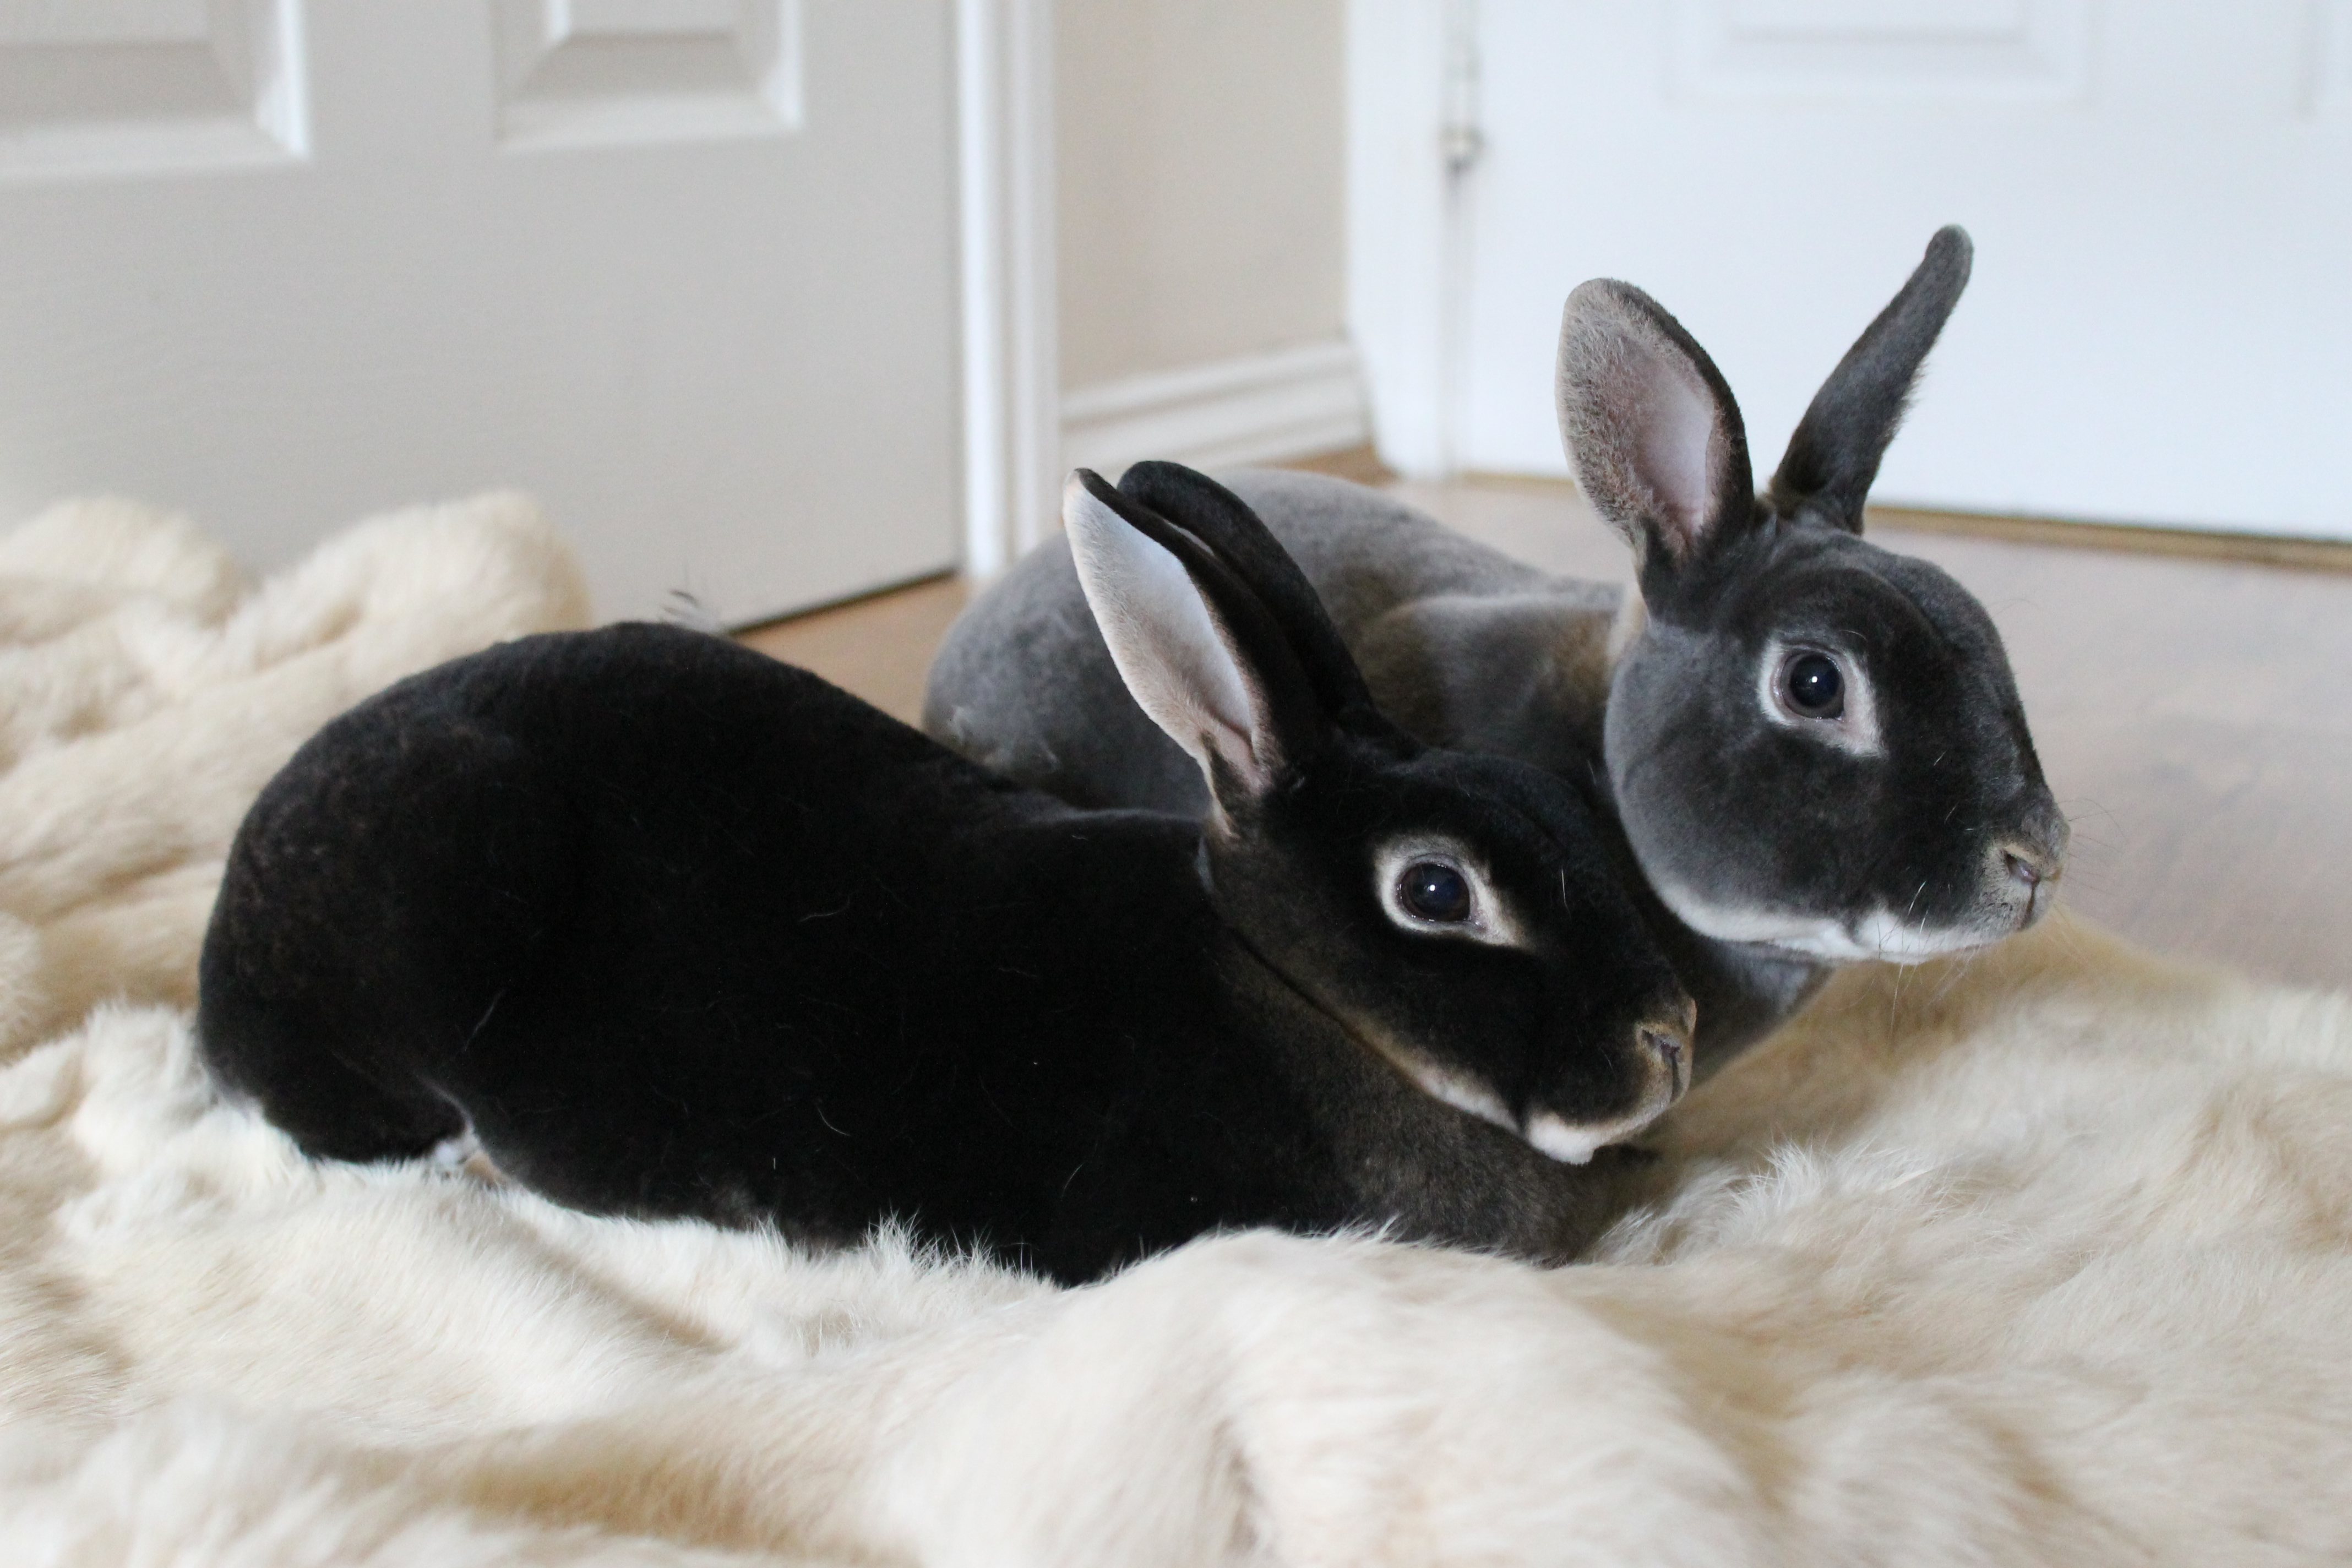 Rabbits of the rex breed. Dwarf rabbit breed of rex